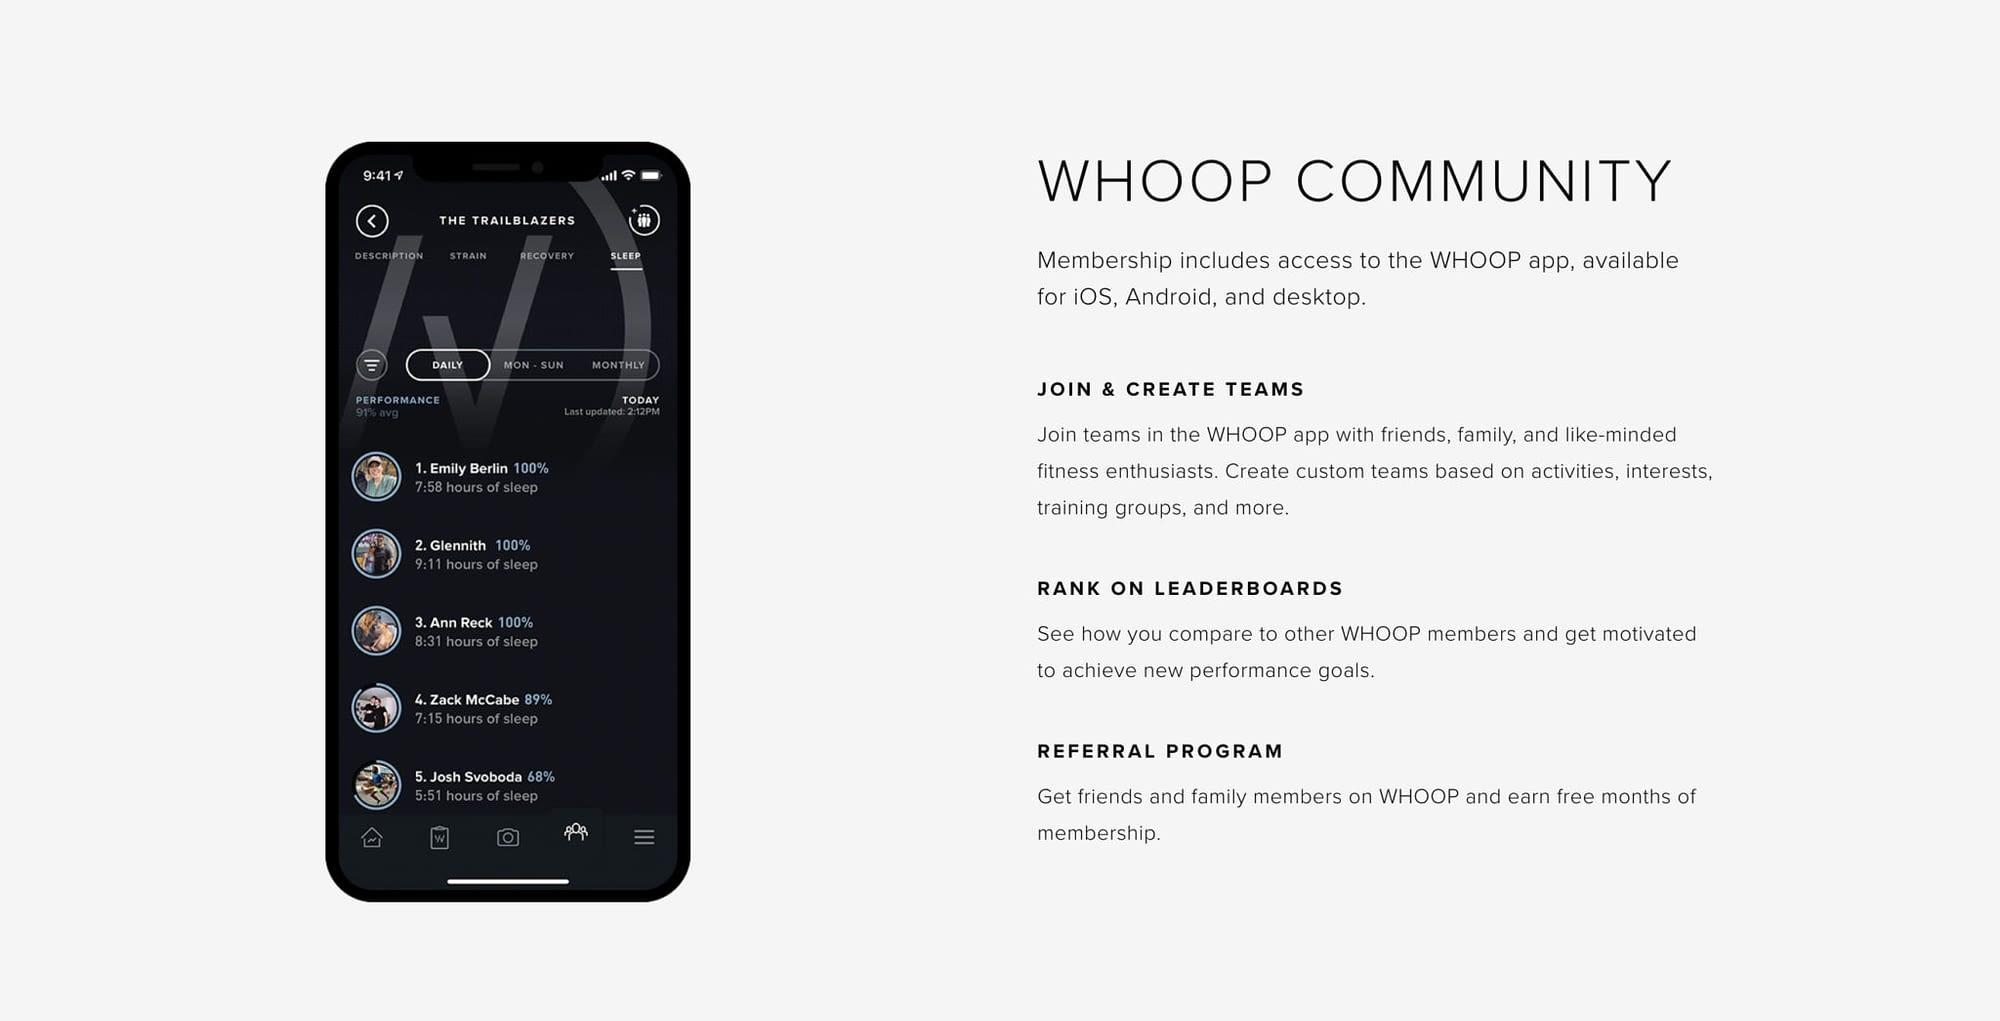 WHOOP Community